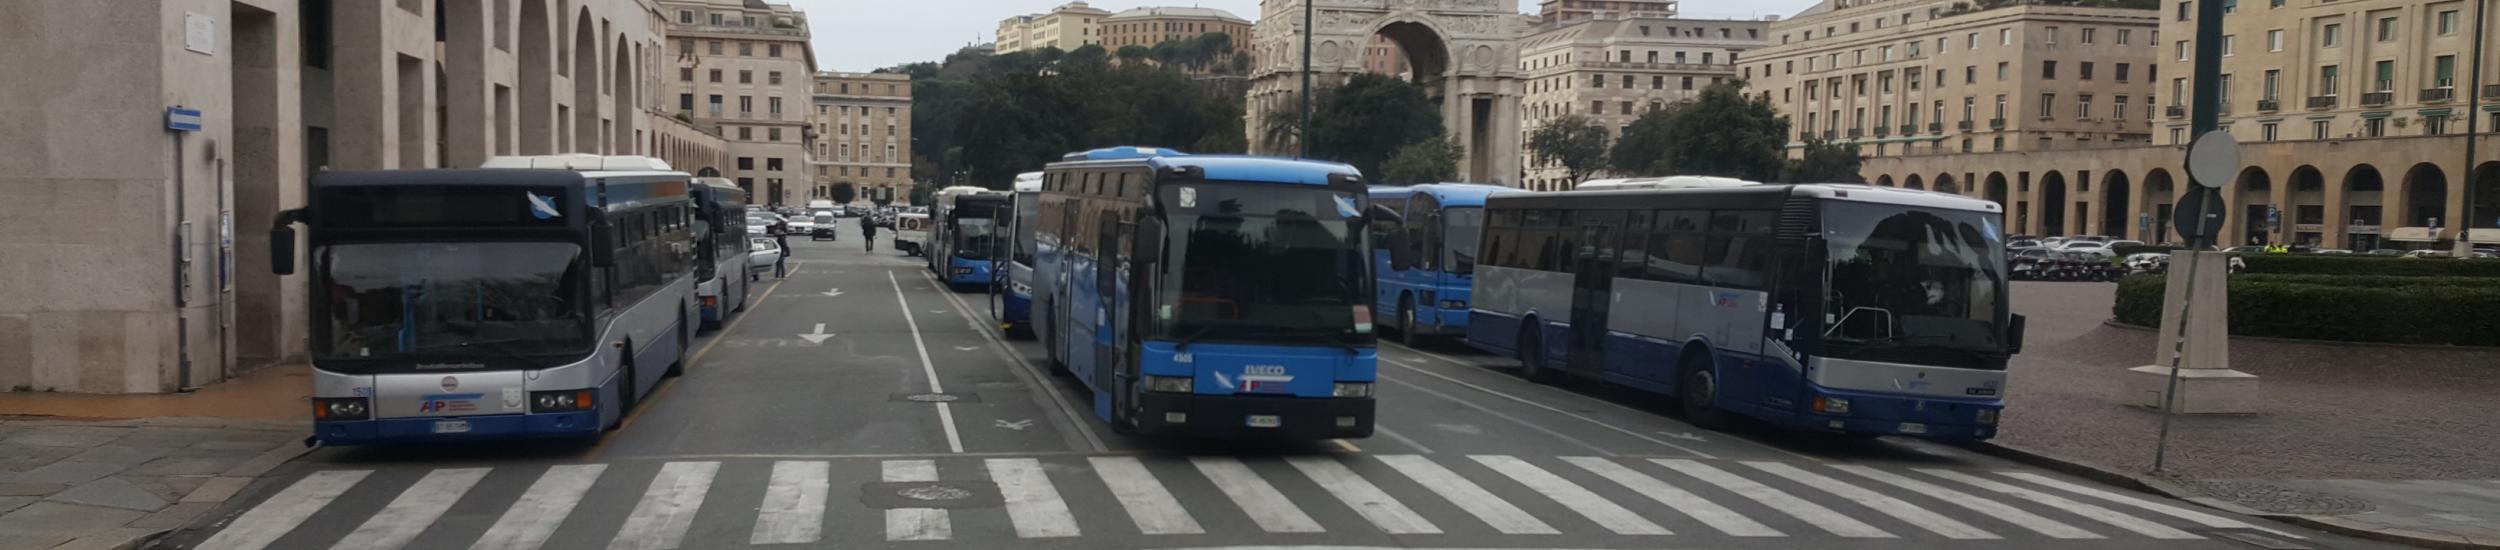 Autobus in piazza della Vittoria